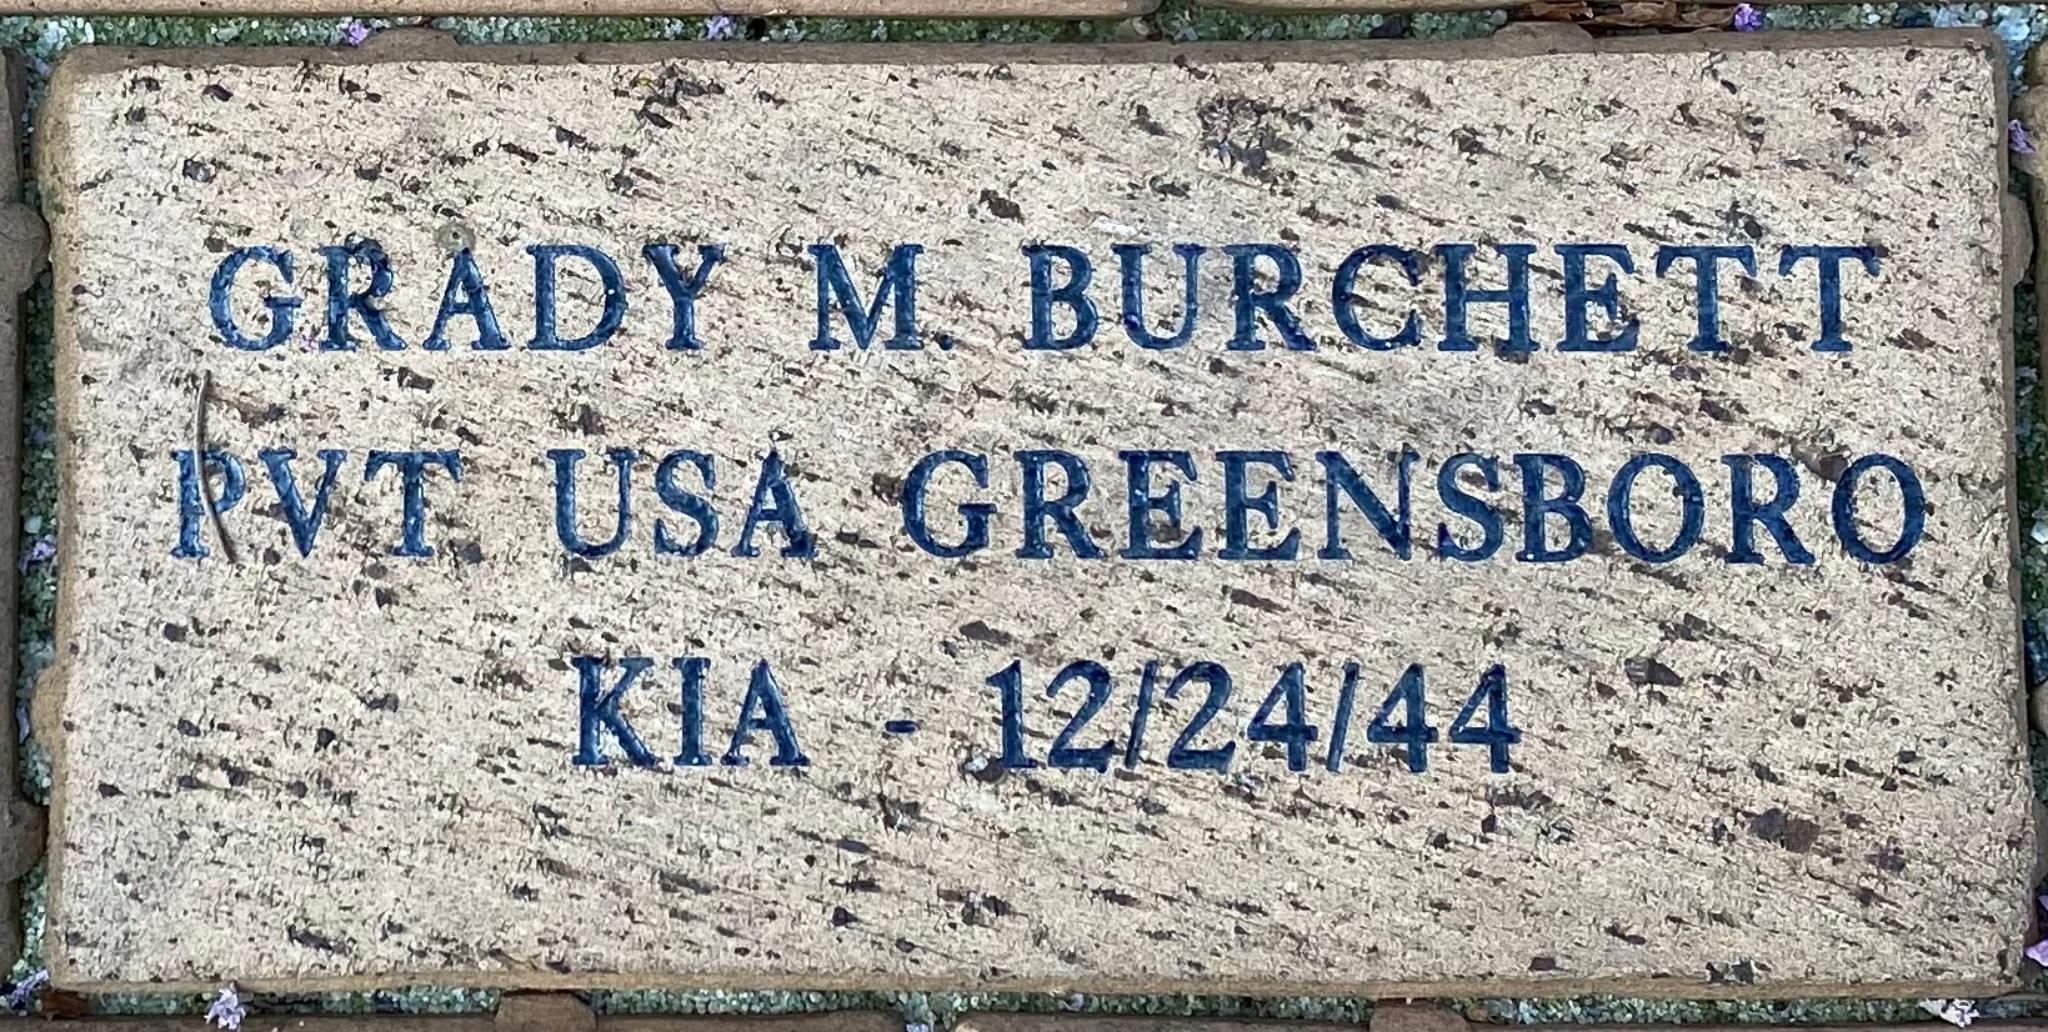 GRADY M. BURCHETT PVT USA GREENSBORO KIA 12/24/44